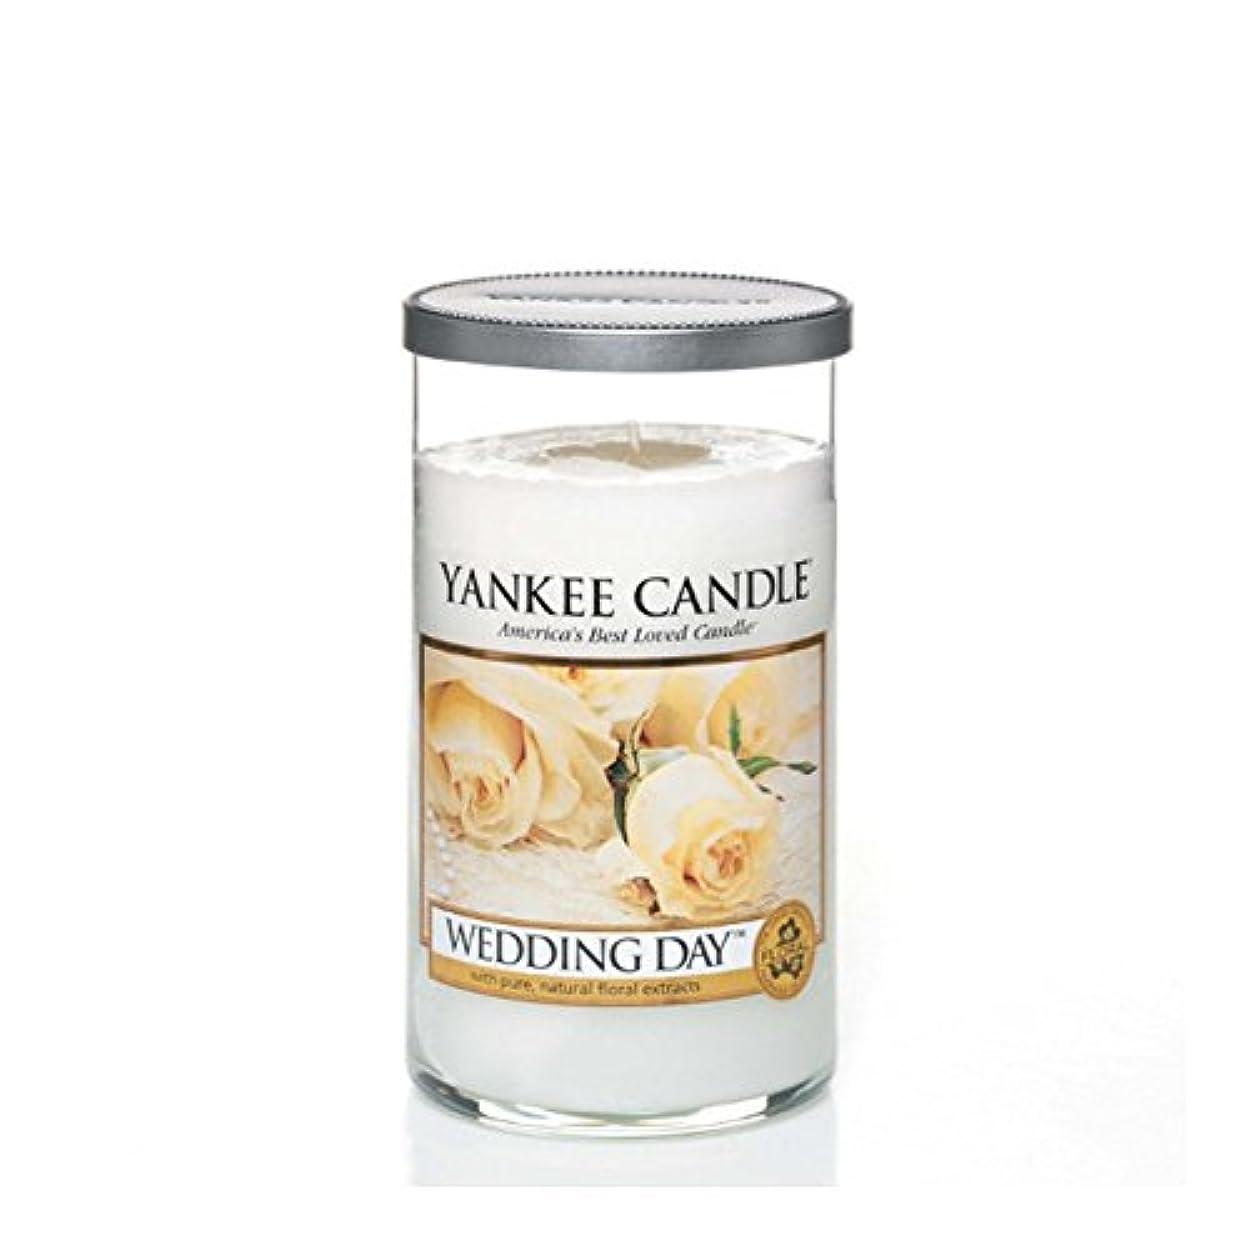 付添人ハウス共和党Yankee Candles Medium Pillar Candle - Wedding Day (Pack of 6) - ヤンキーキャンドルメディアピラーキャンドル - 結婚式の日 (x6) [並行輸入品]